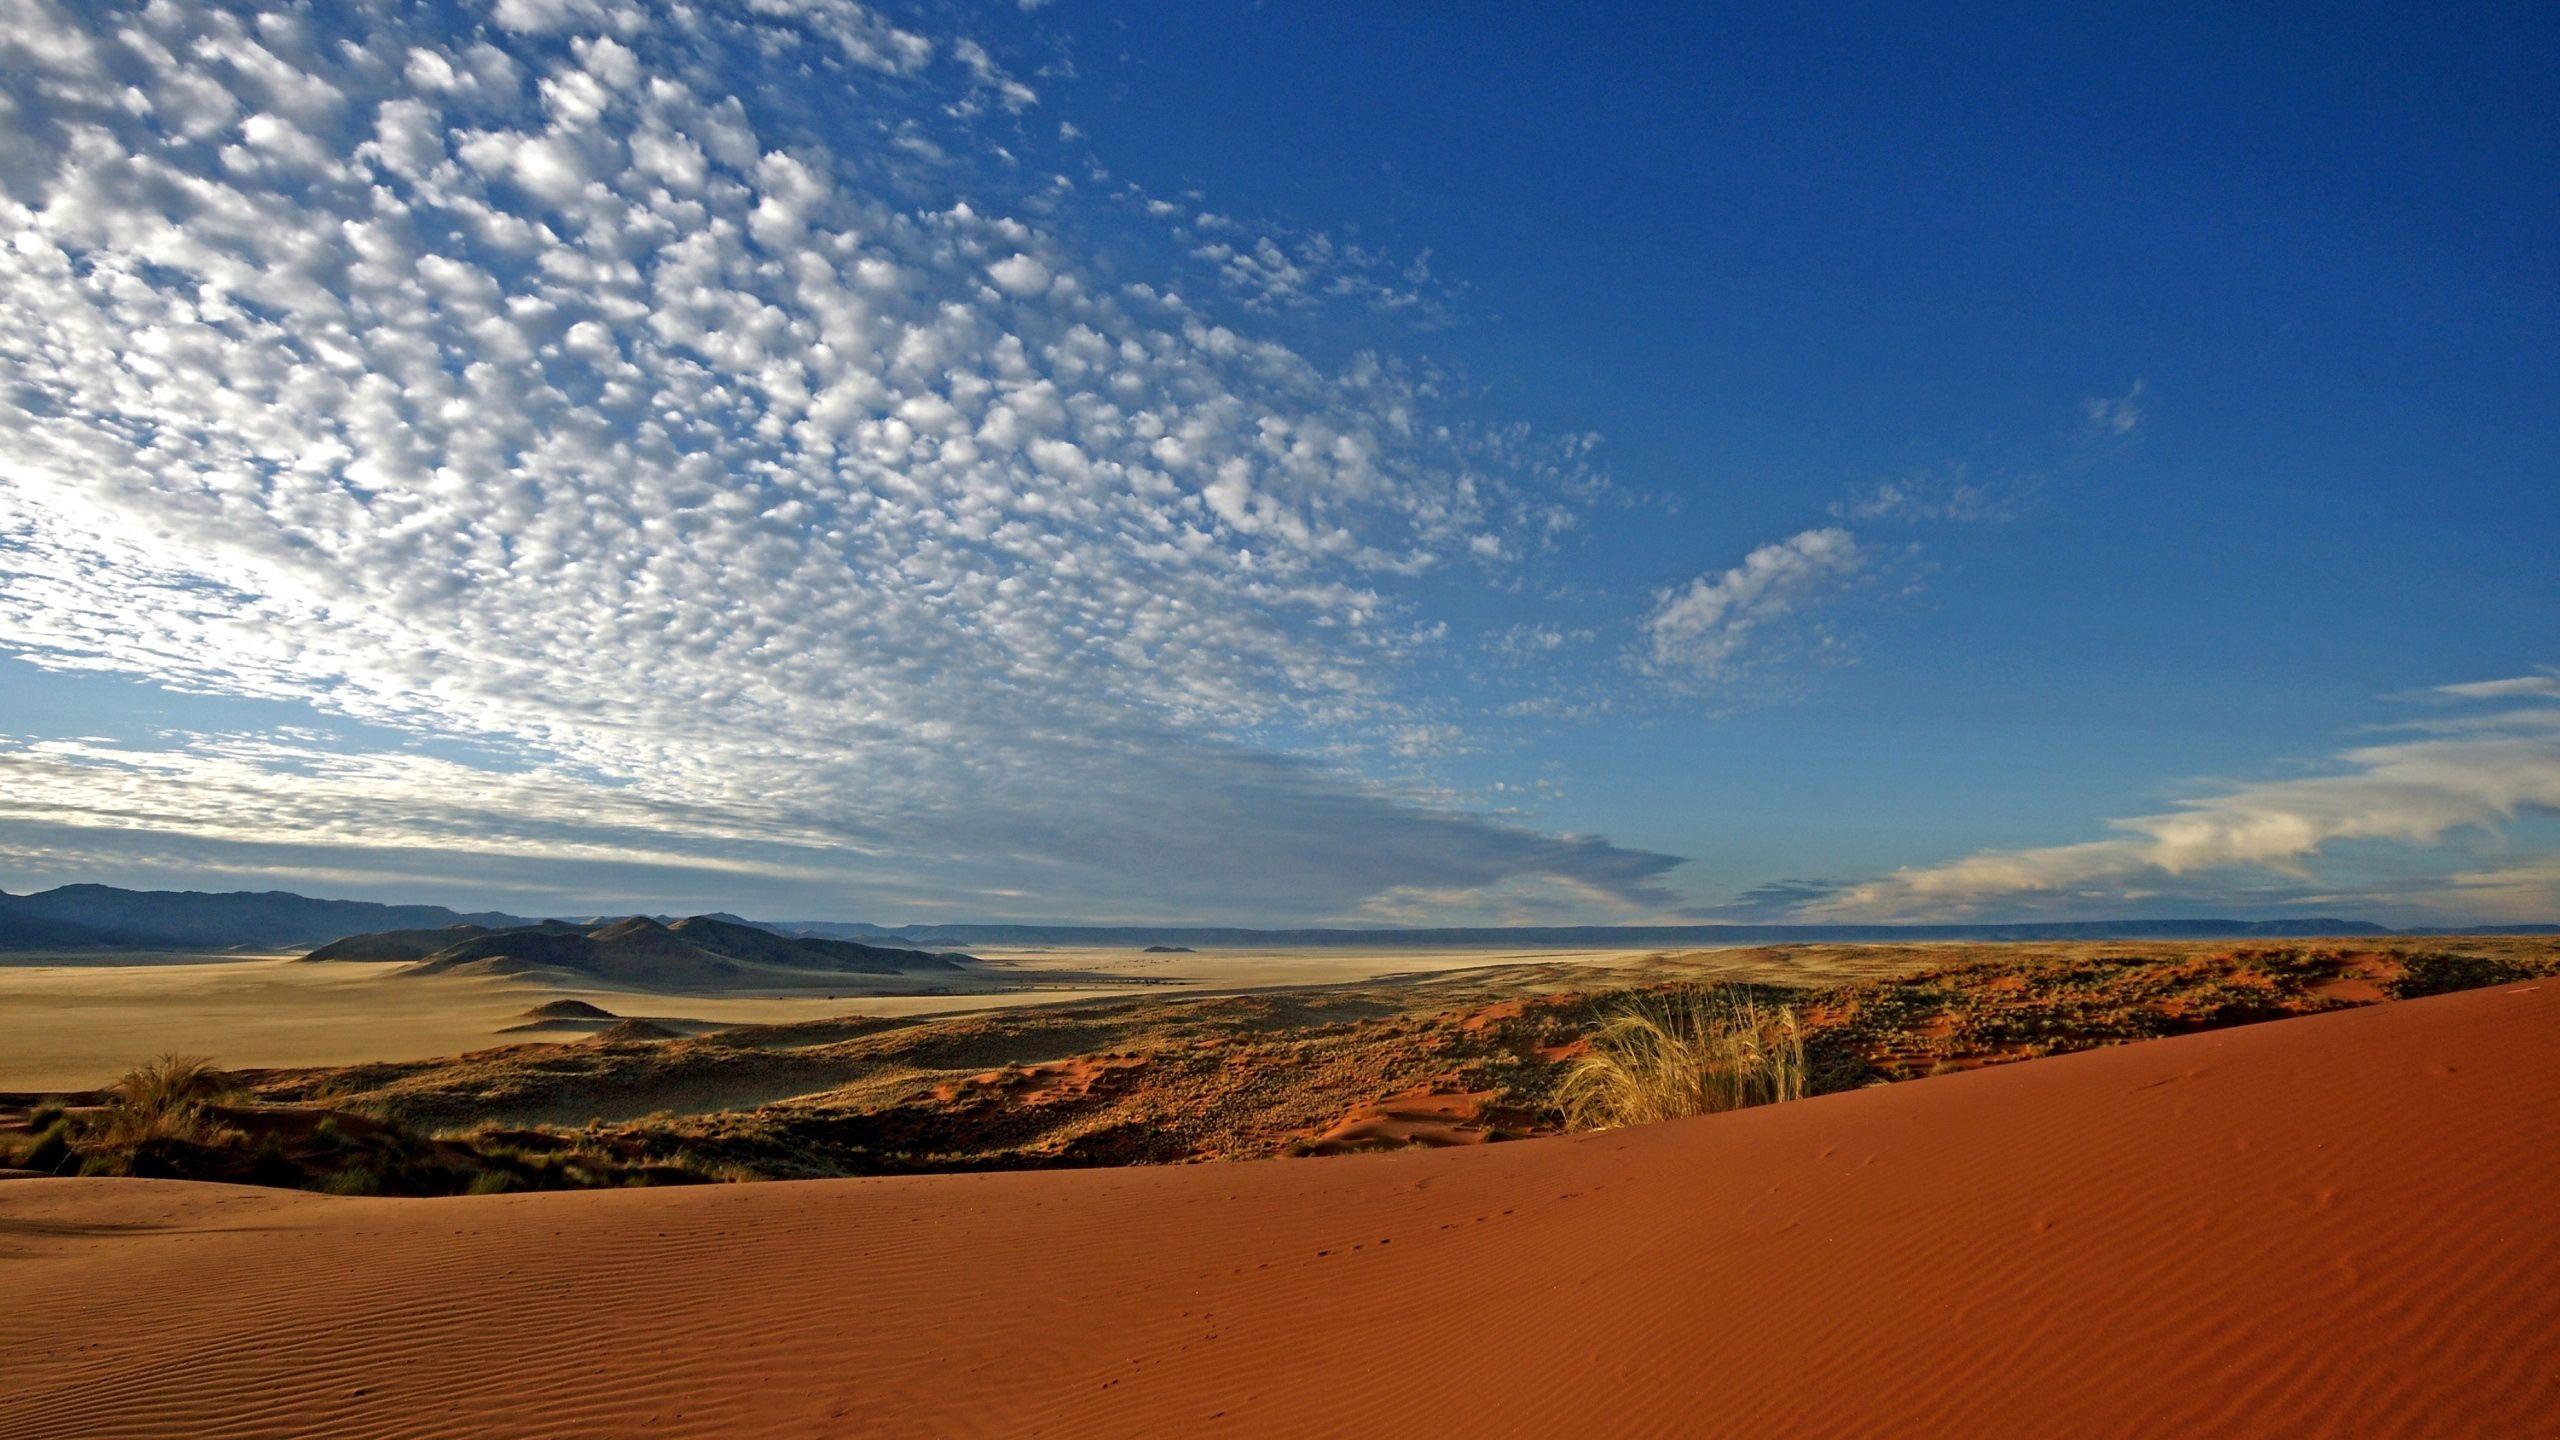 81869 Заставки и Обои Песок на телефон. Скачать Пустыня, Природа, Облака, Песок, Перьевые картинки бесплатно